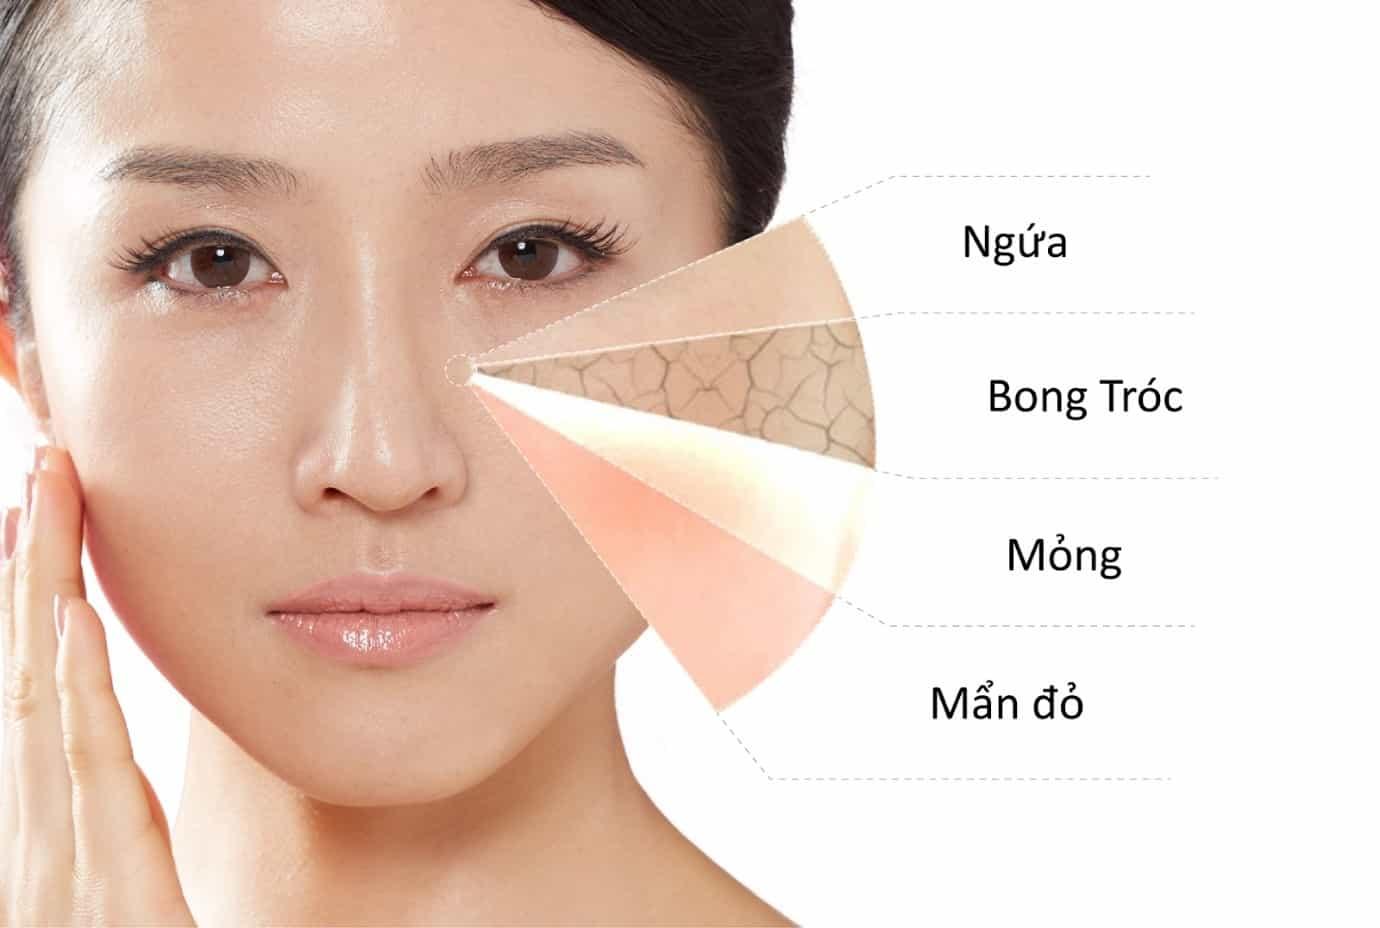 Tự trẻ hóa da mặt tại nhà – Một sai lầm nhỏ có thể khiến bạn hủy hoại cả làn da